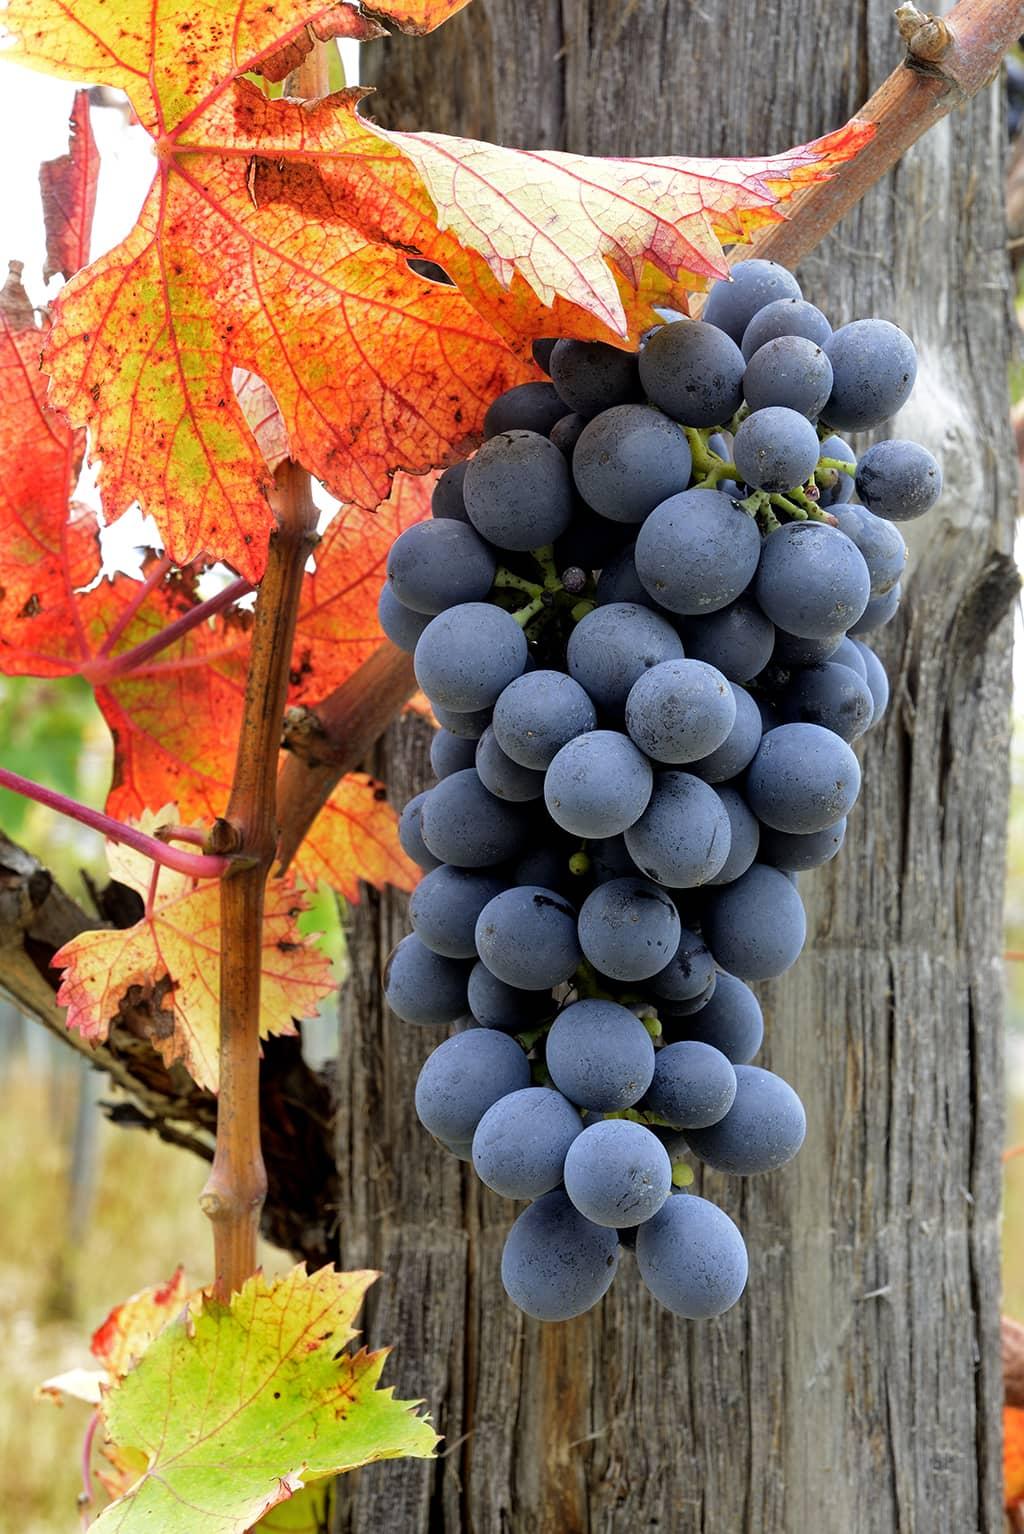 Grapes (Consorzio Tutela Vini d'Abruzzo)